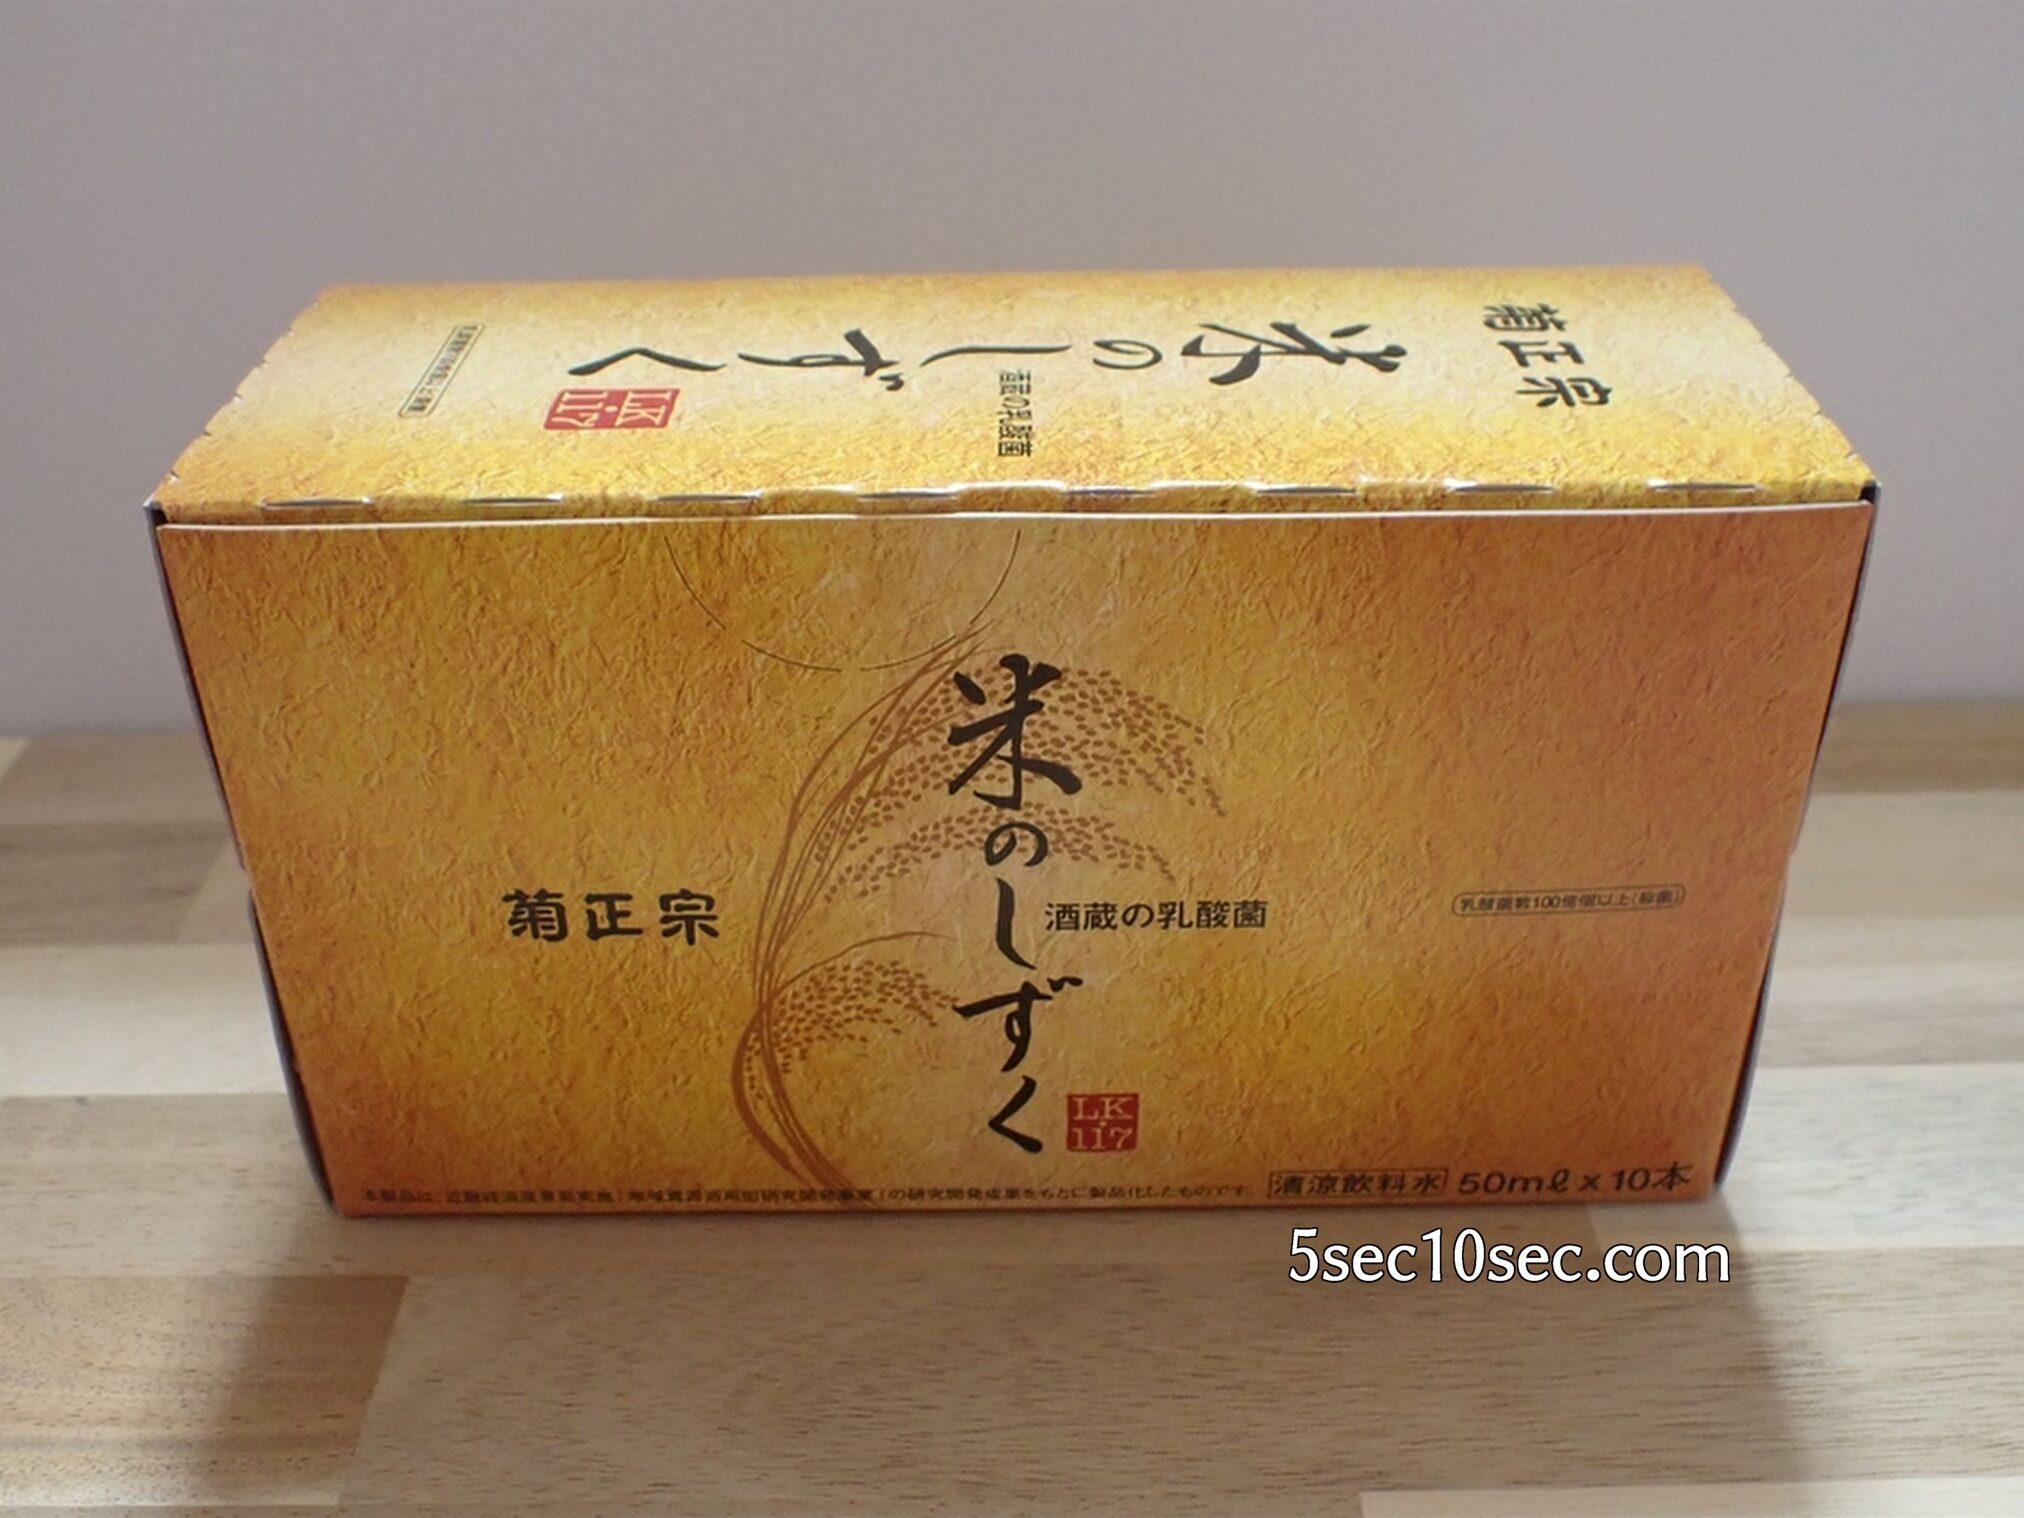 菊正宗酒造株式会社 乳酸菌「LK-117」配合 酒蔵の乳酸菌 米のしずく ドリンクタイプ10日間お試しセット トライアルセットは10日間分です